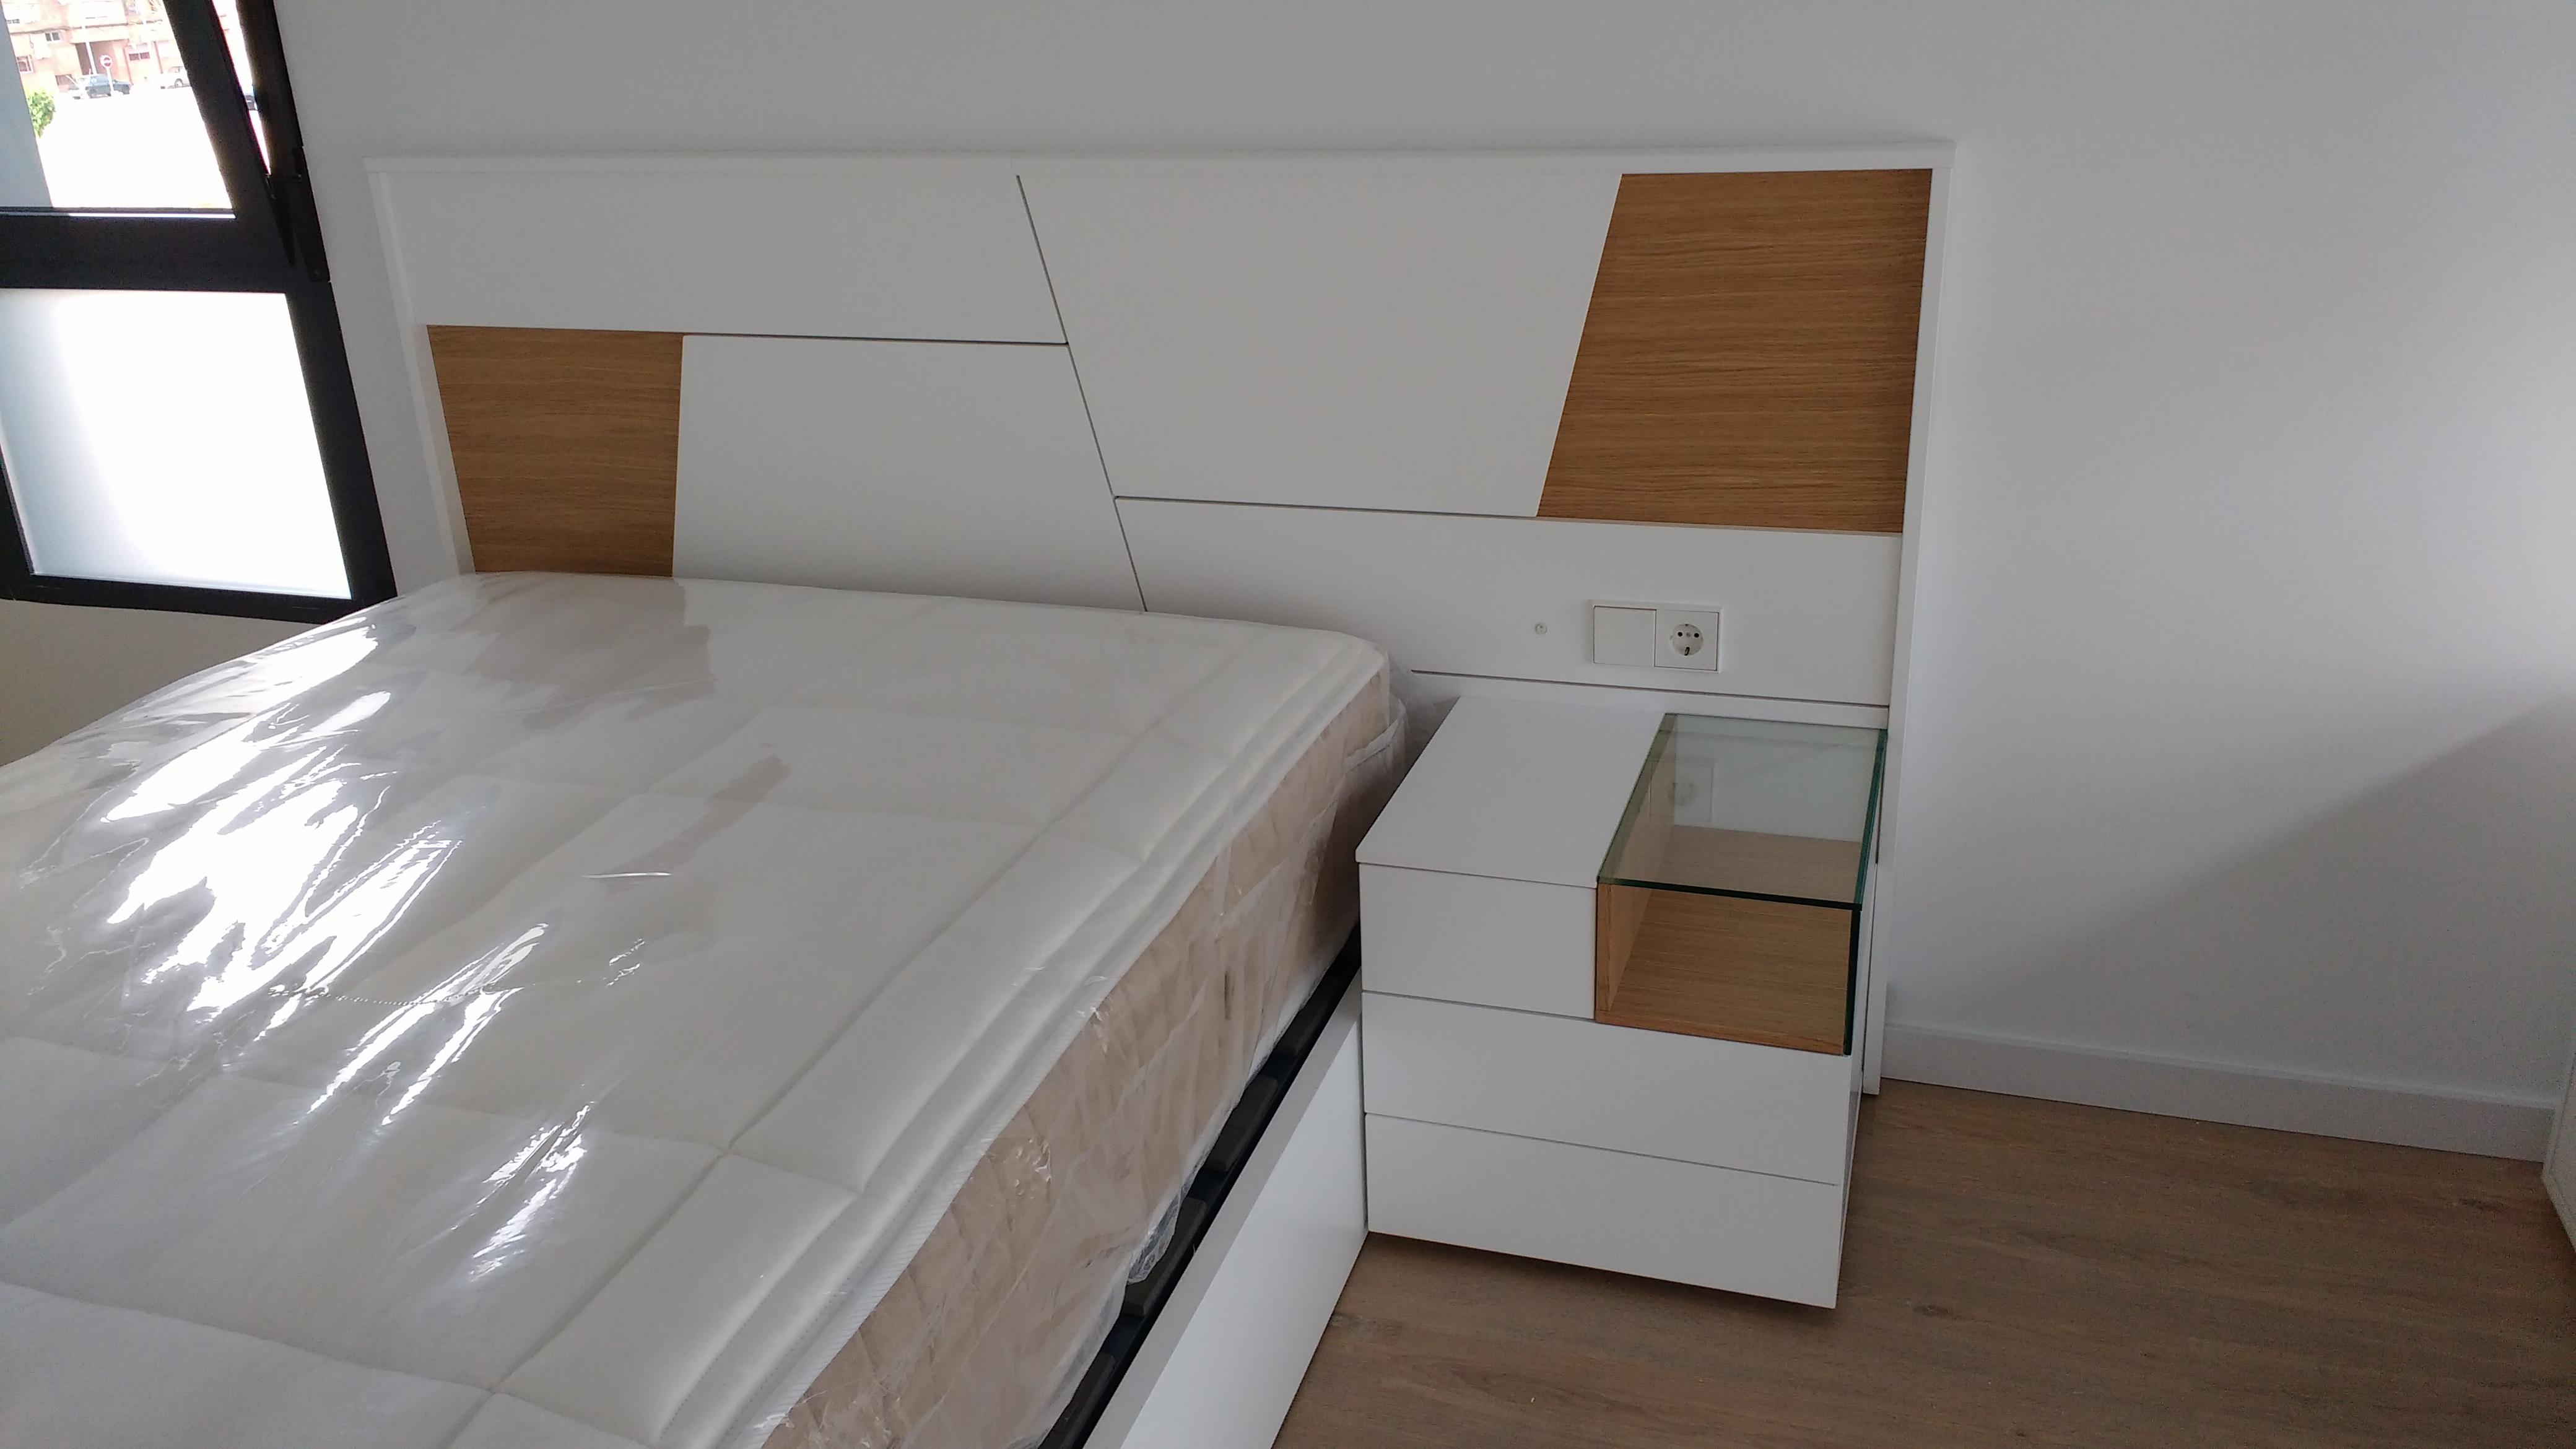 puesta a izquierda con arcon_con mueble